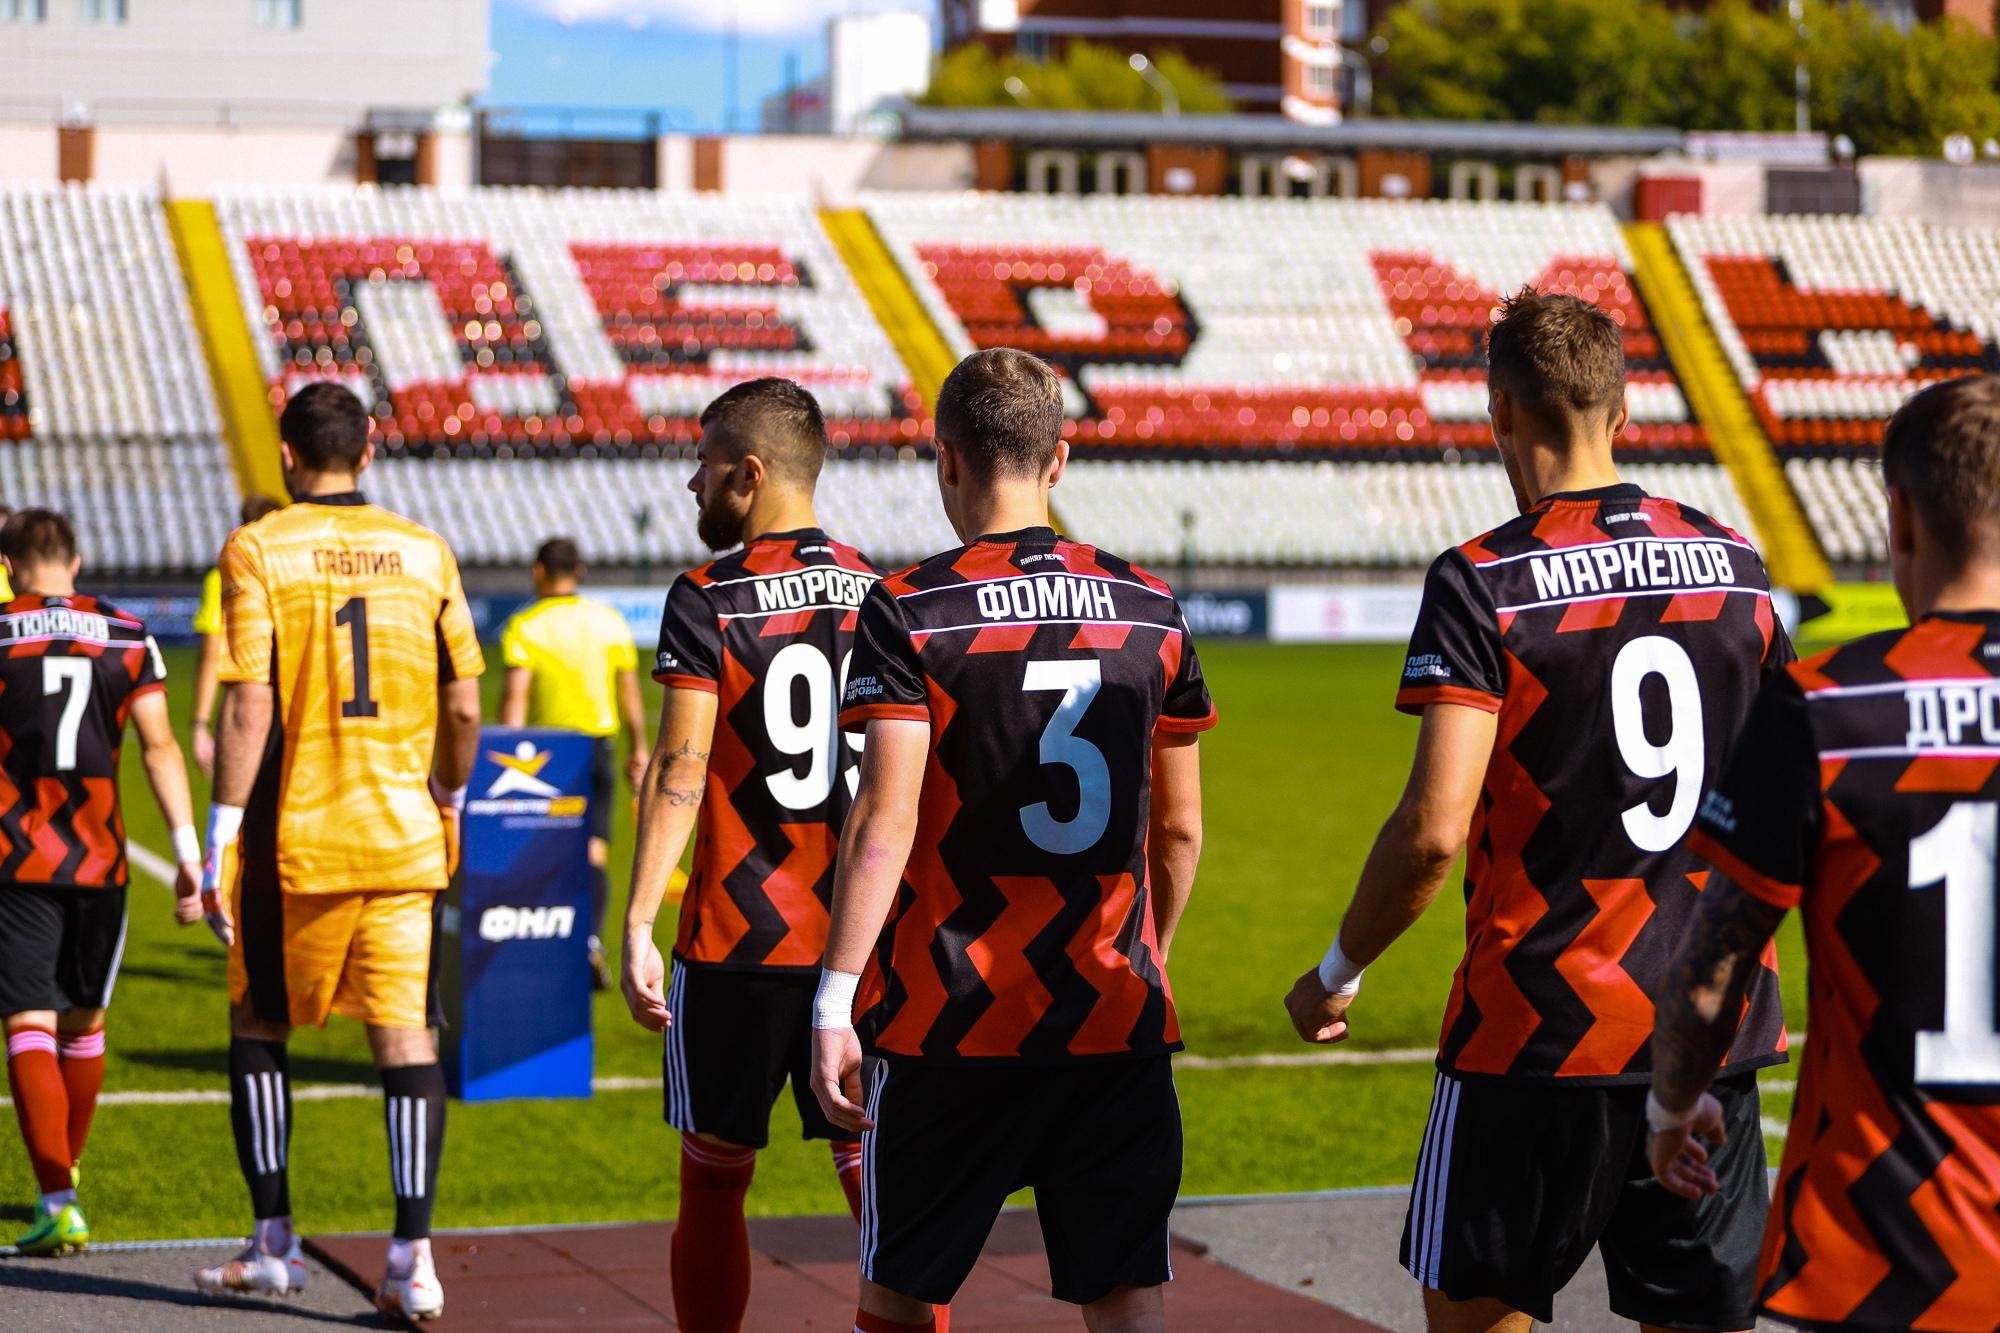 В 2009-м «Амкар» сыграл в еврокубках. И чуть не прошел крепкую команду АПЛ, которая в итоге вышла в финал!